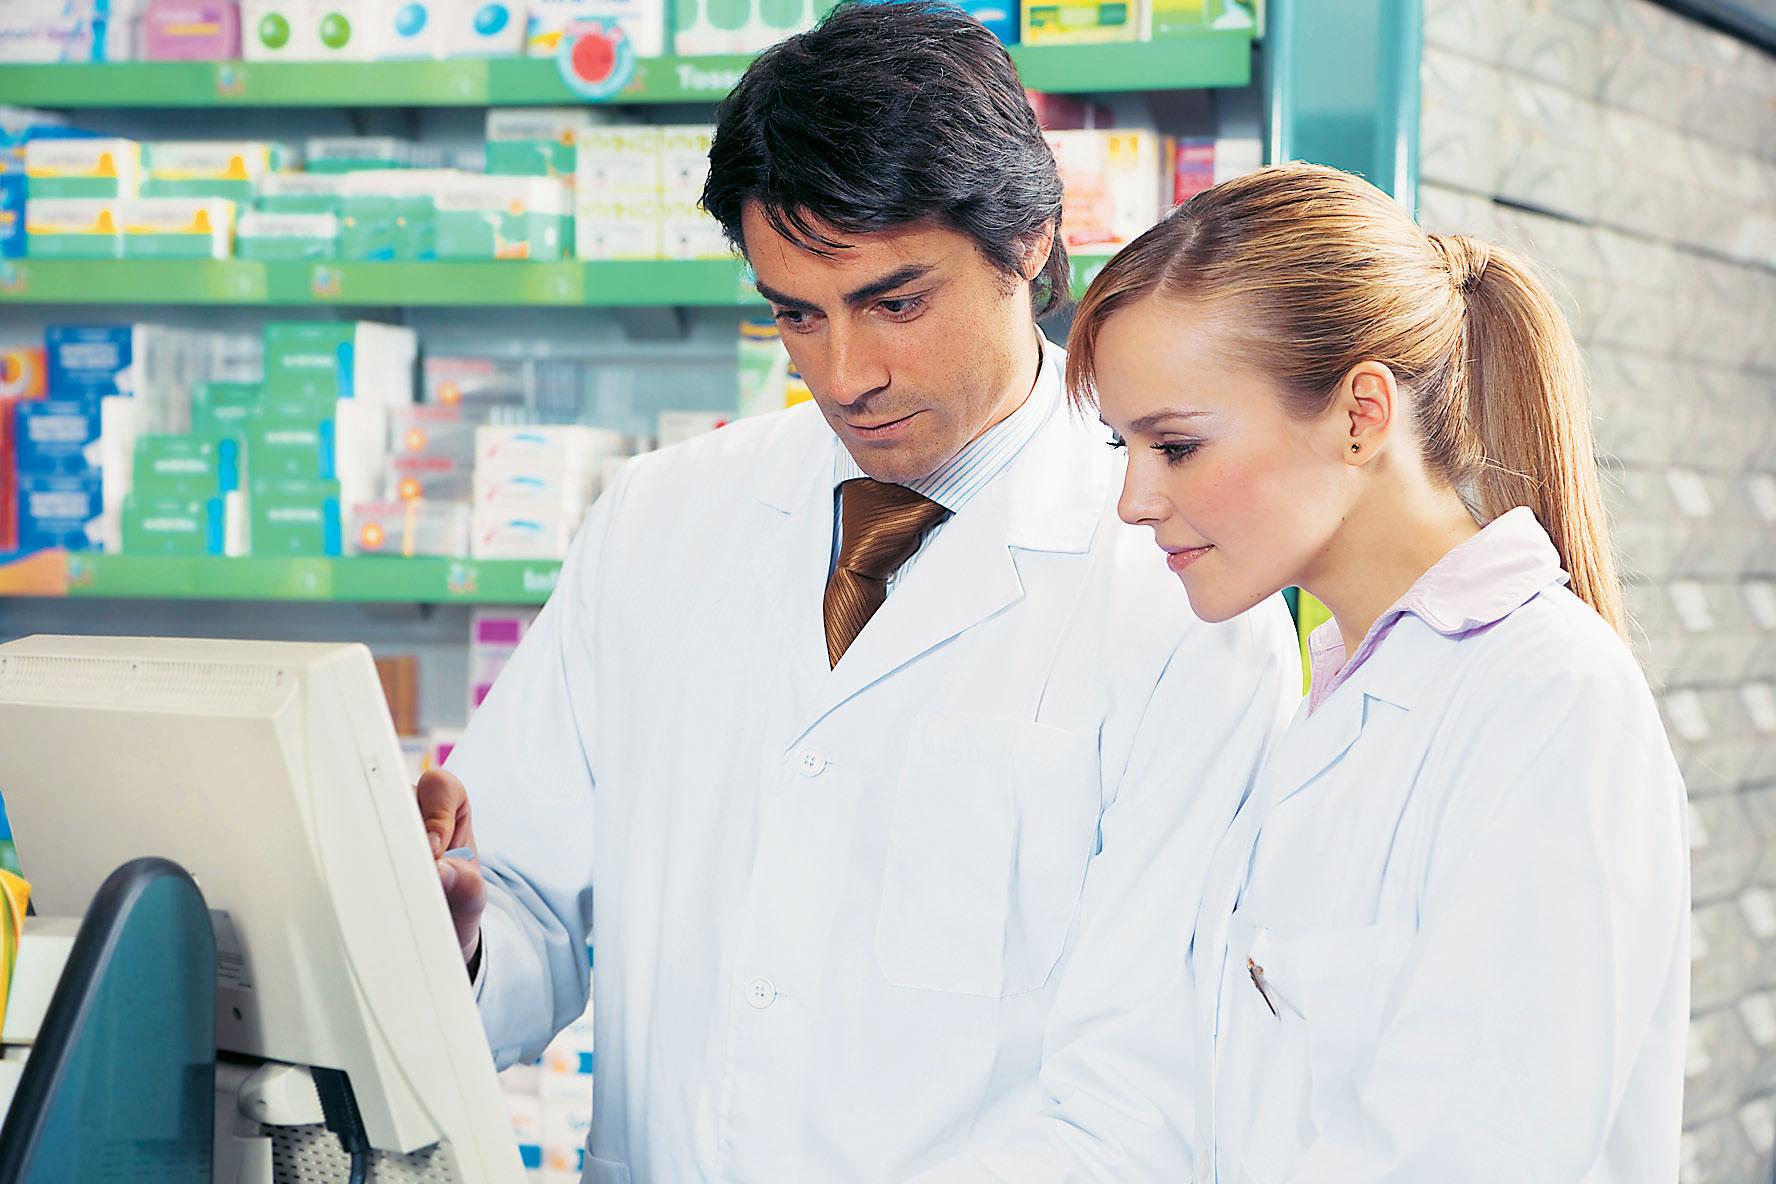 Επανέρχεται το παλιό ωράριο στα φαρμακεία με νόμο! Τι θα αλλάξει